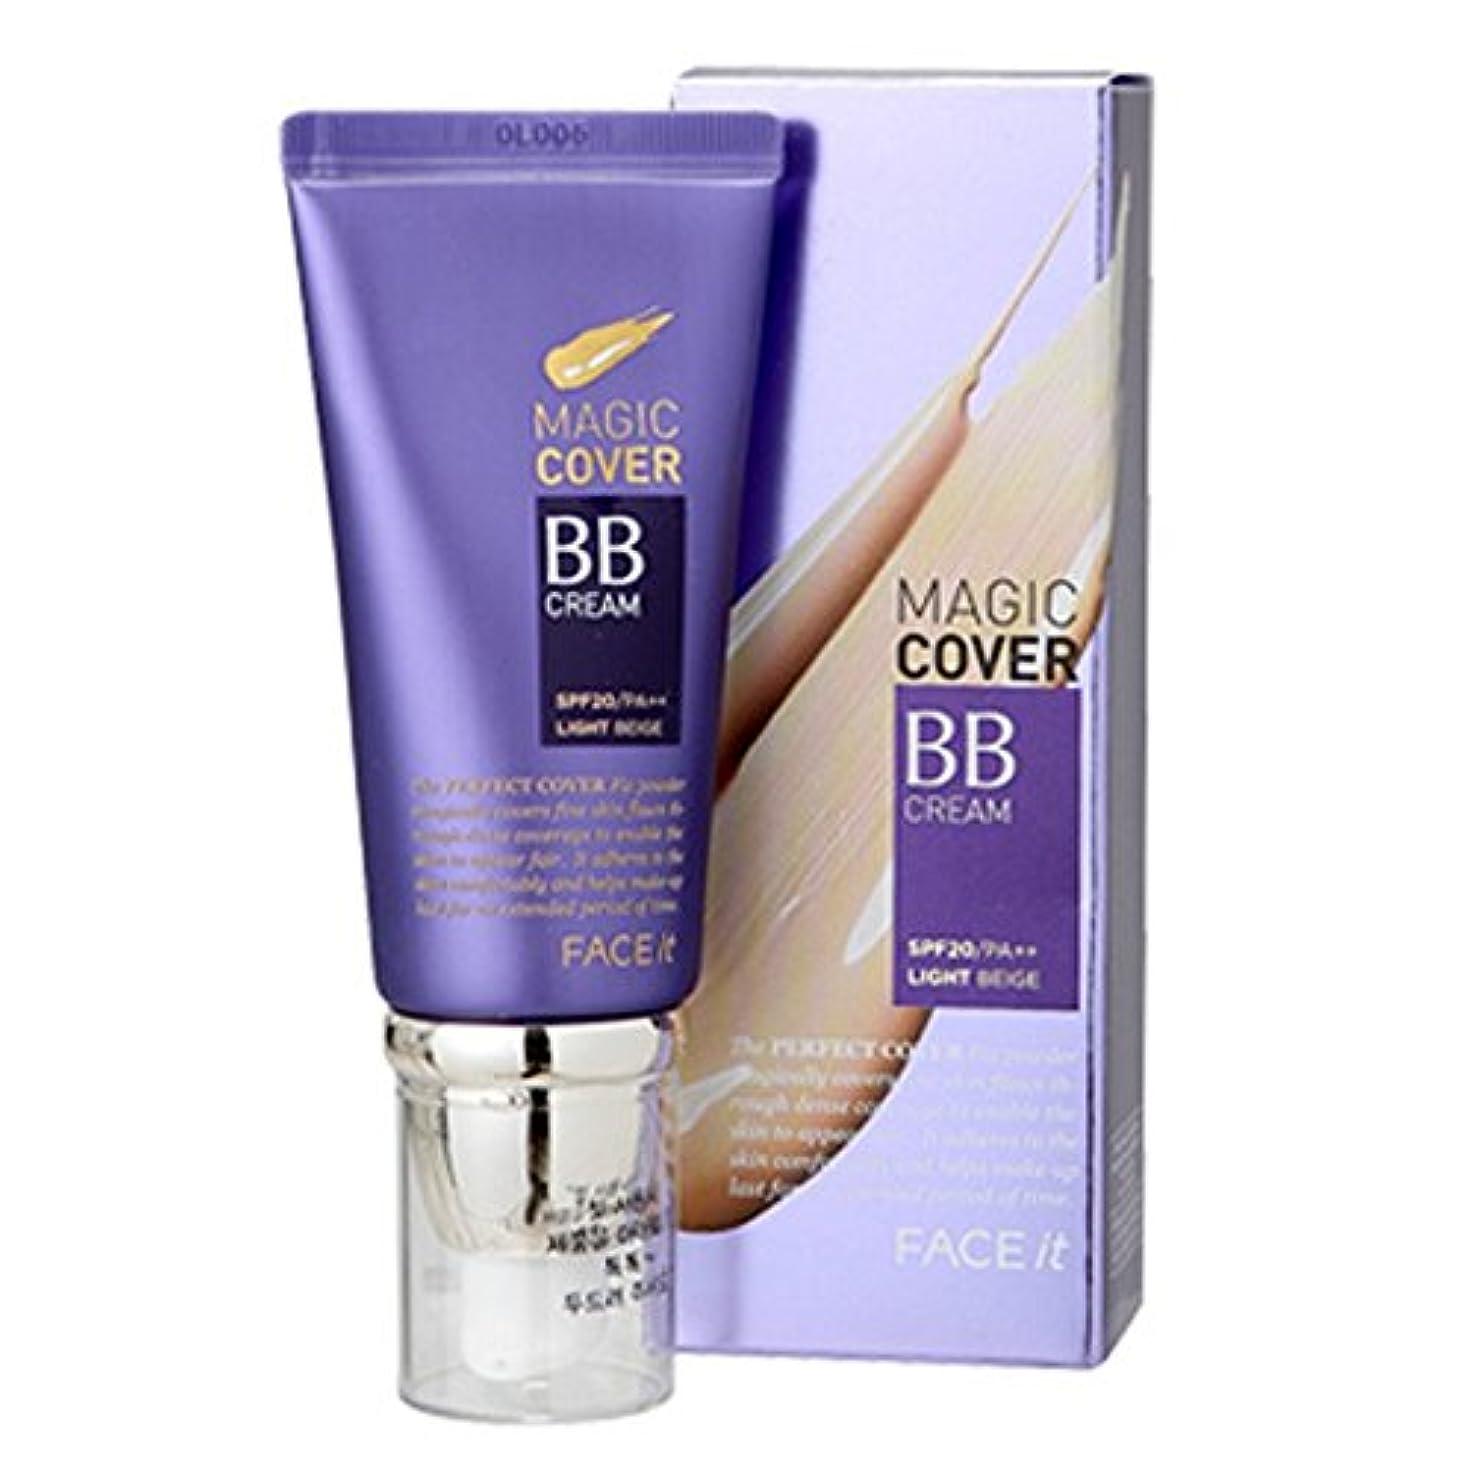 予想外節約ボクシングザフェイスショップ The Face Shop Face It Magic Cover BB Cream 45ml (02 Natural Beige)